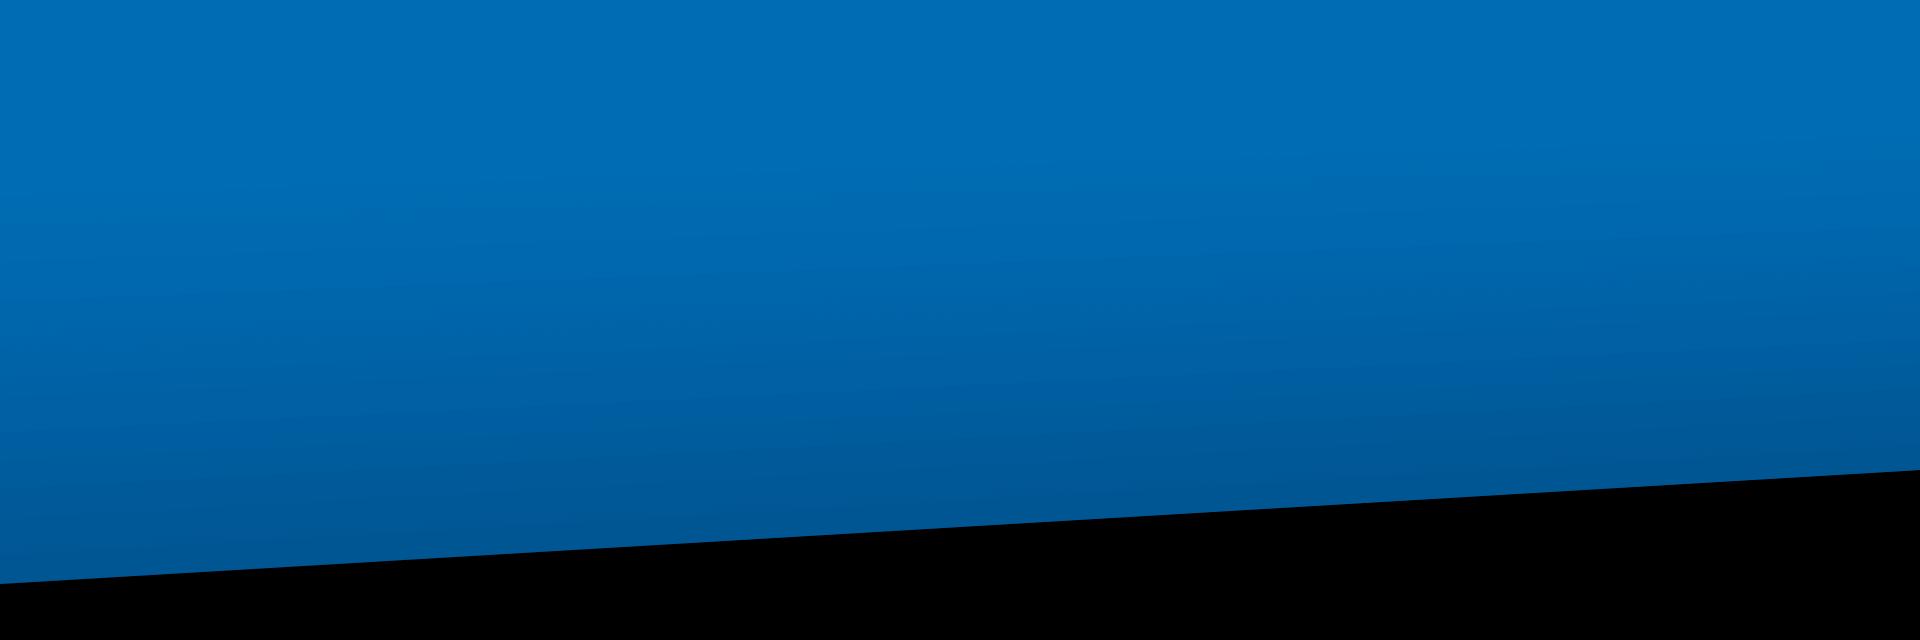 pegamento de contacto vl 2000 franja azul - PEGAMENTO BLANCO